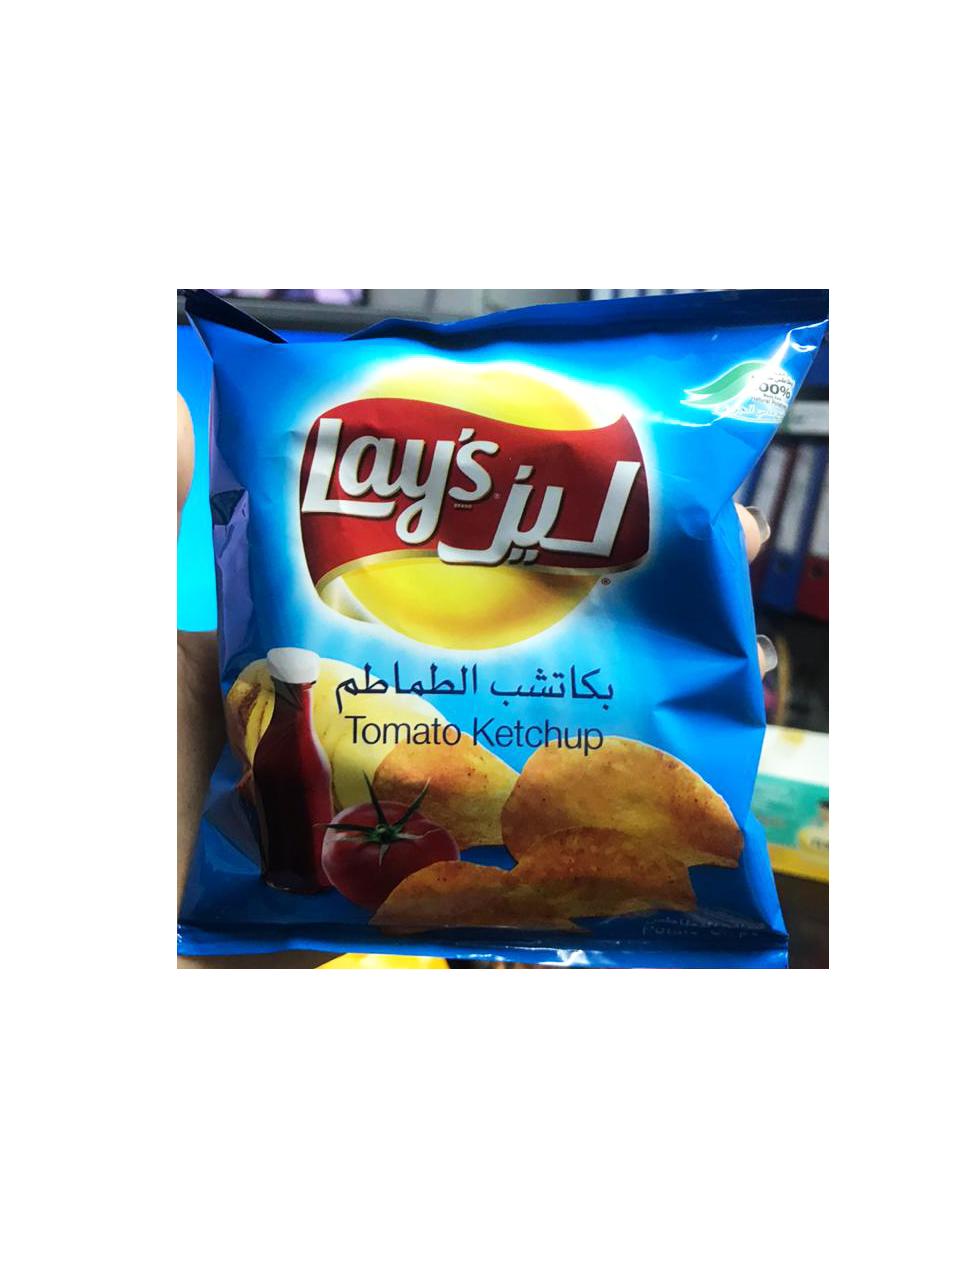 Lays Tomato Ketchup 14g (small)